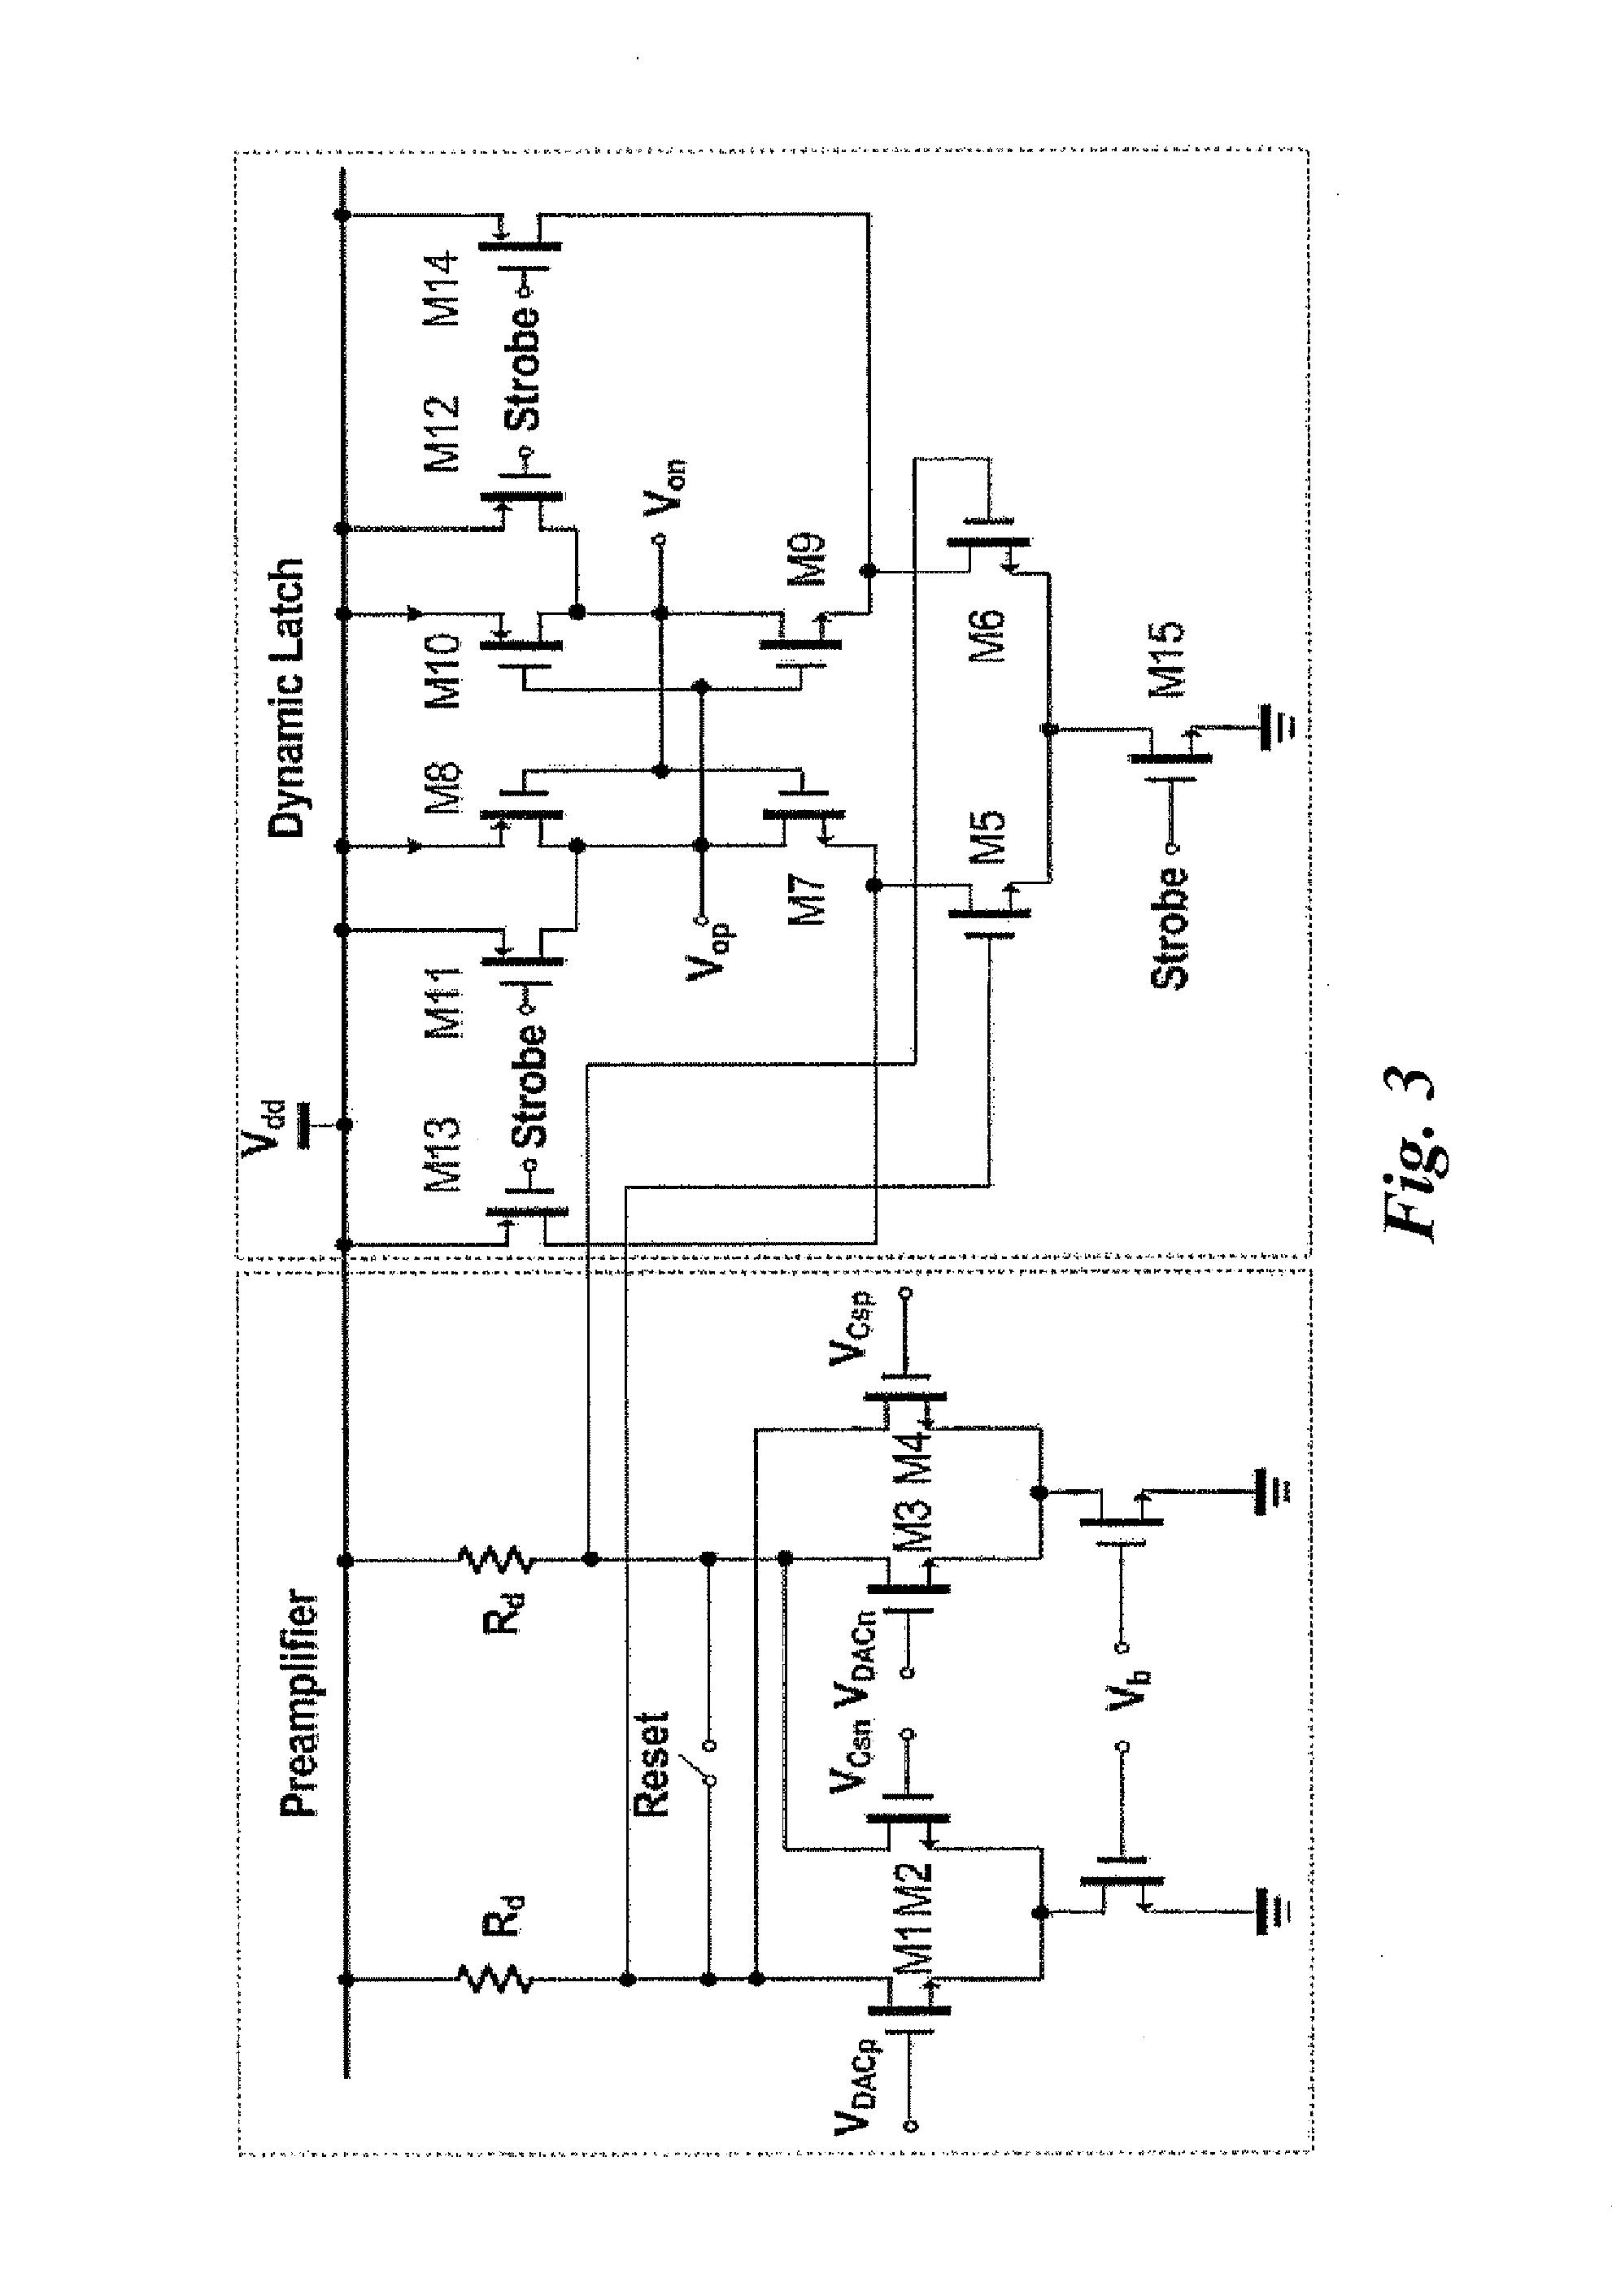 patent us8344931